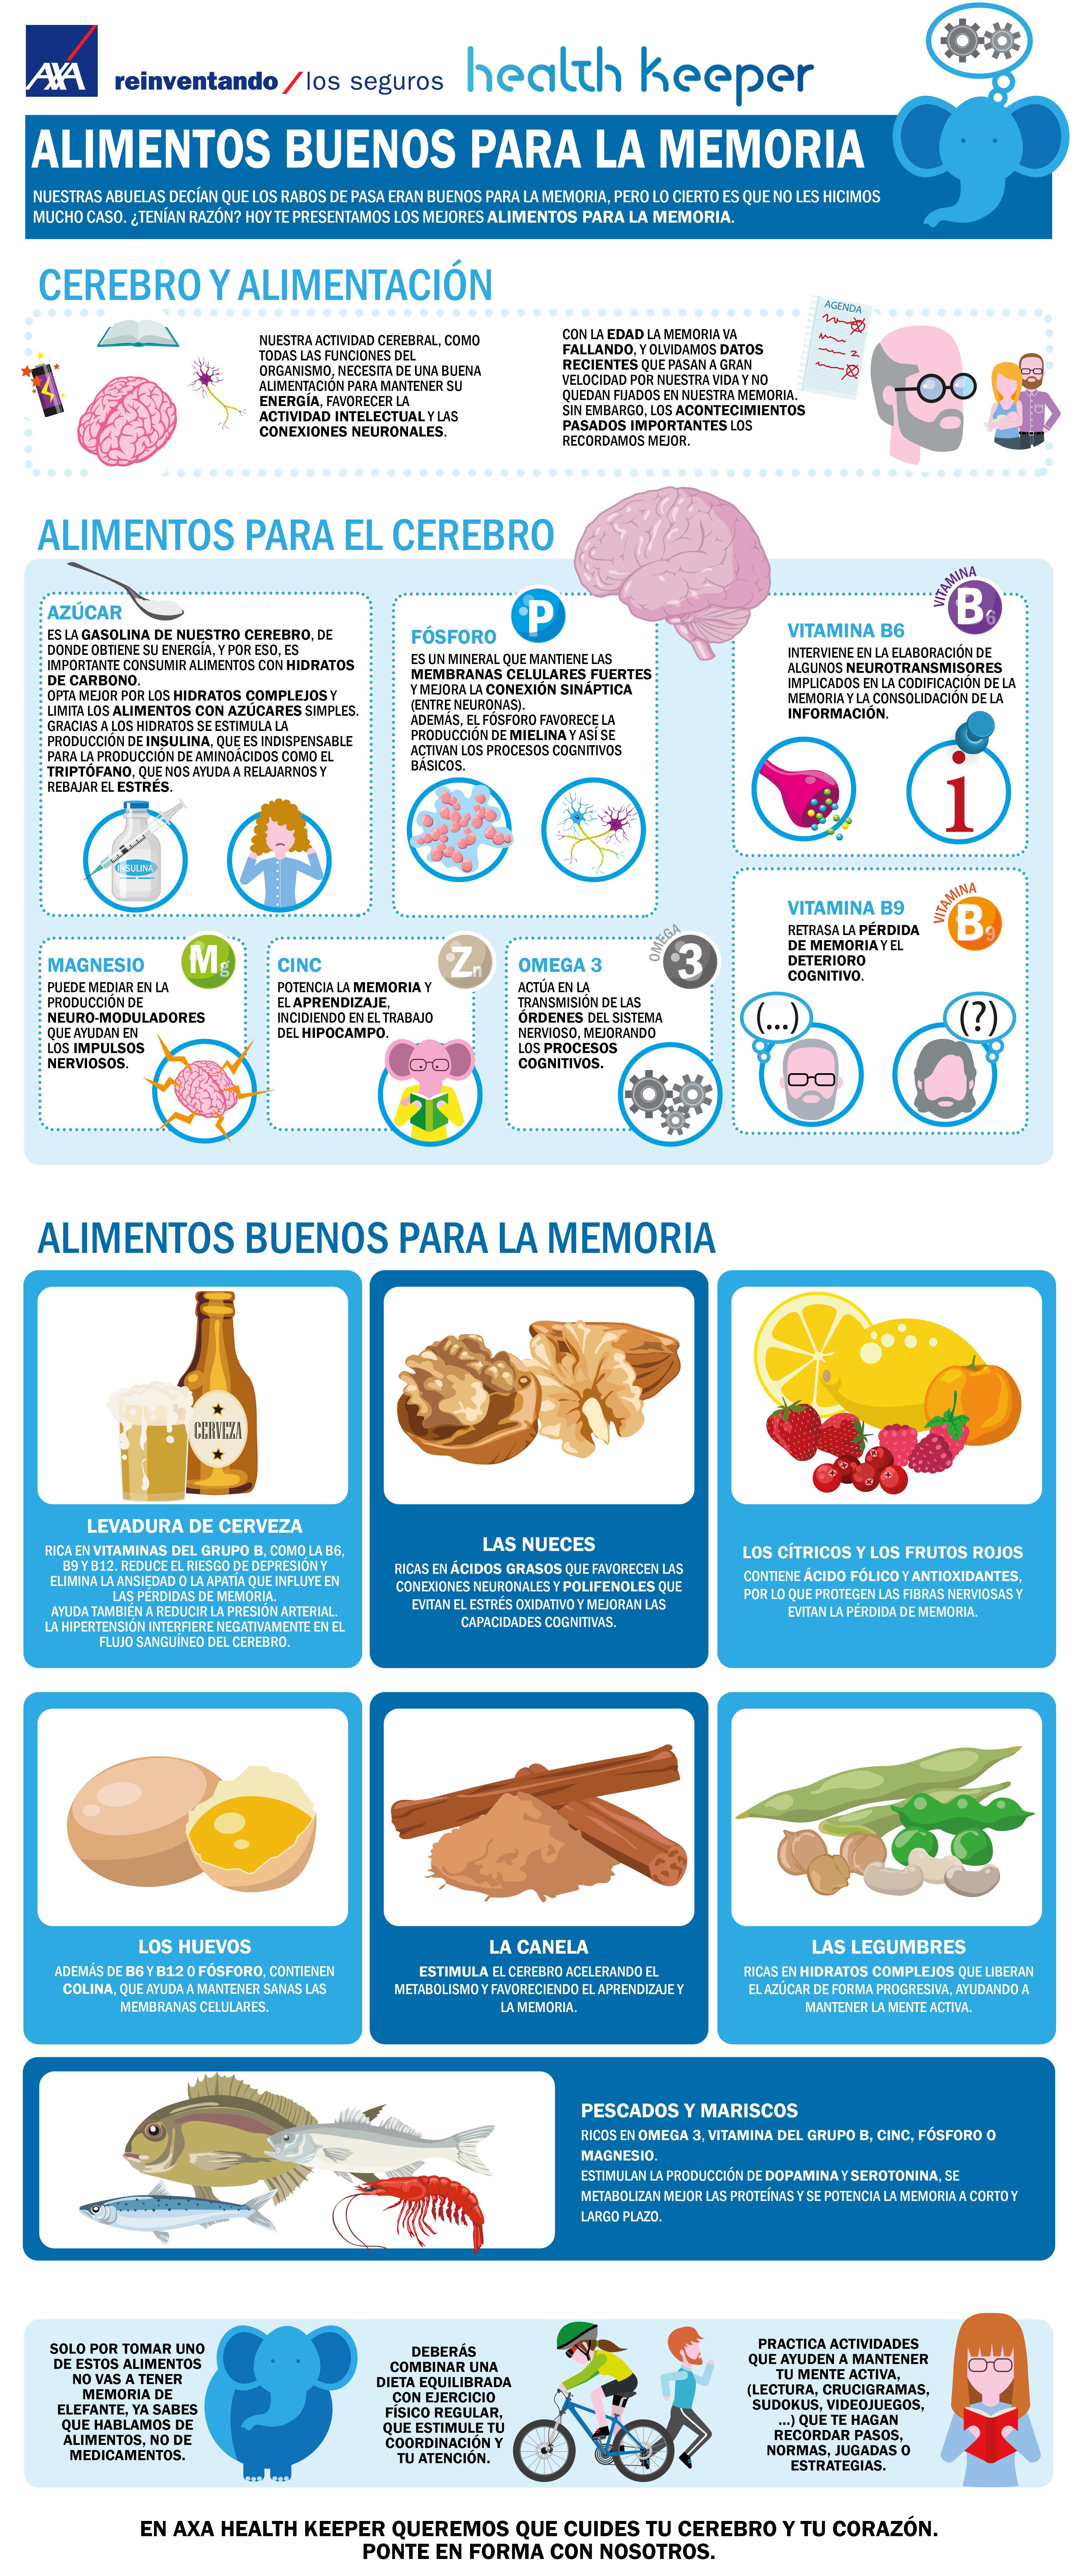 AlimentosMEMORIA_V2